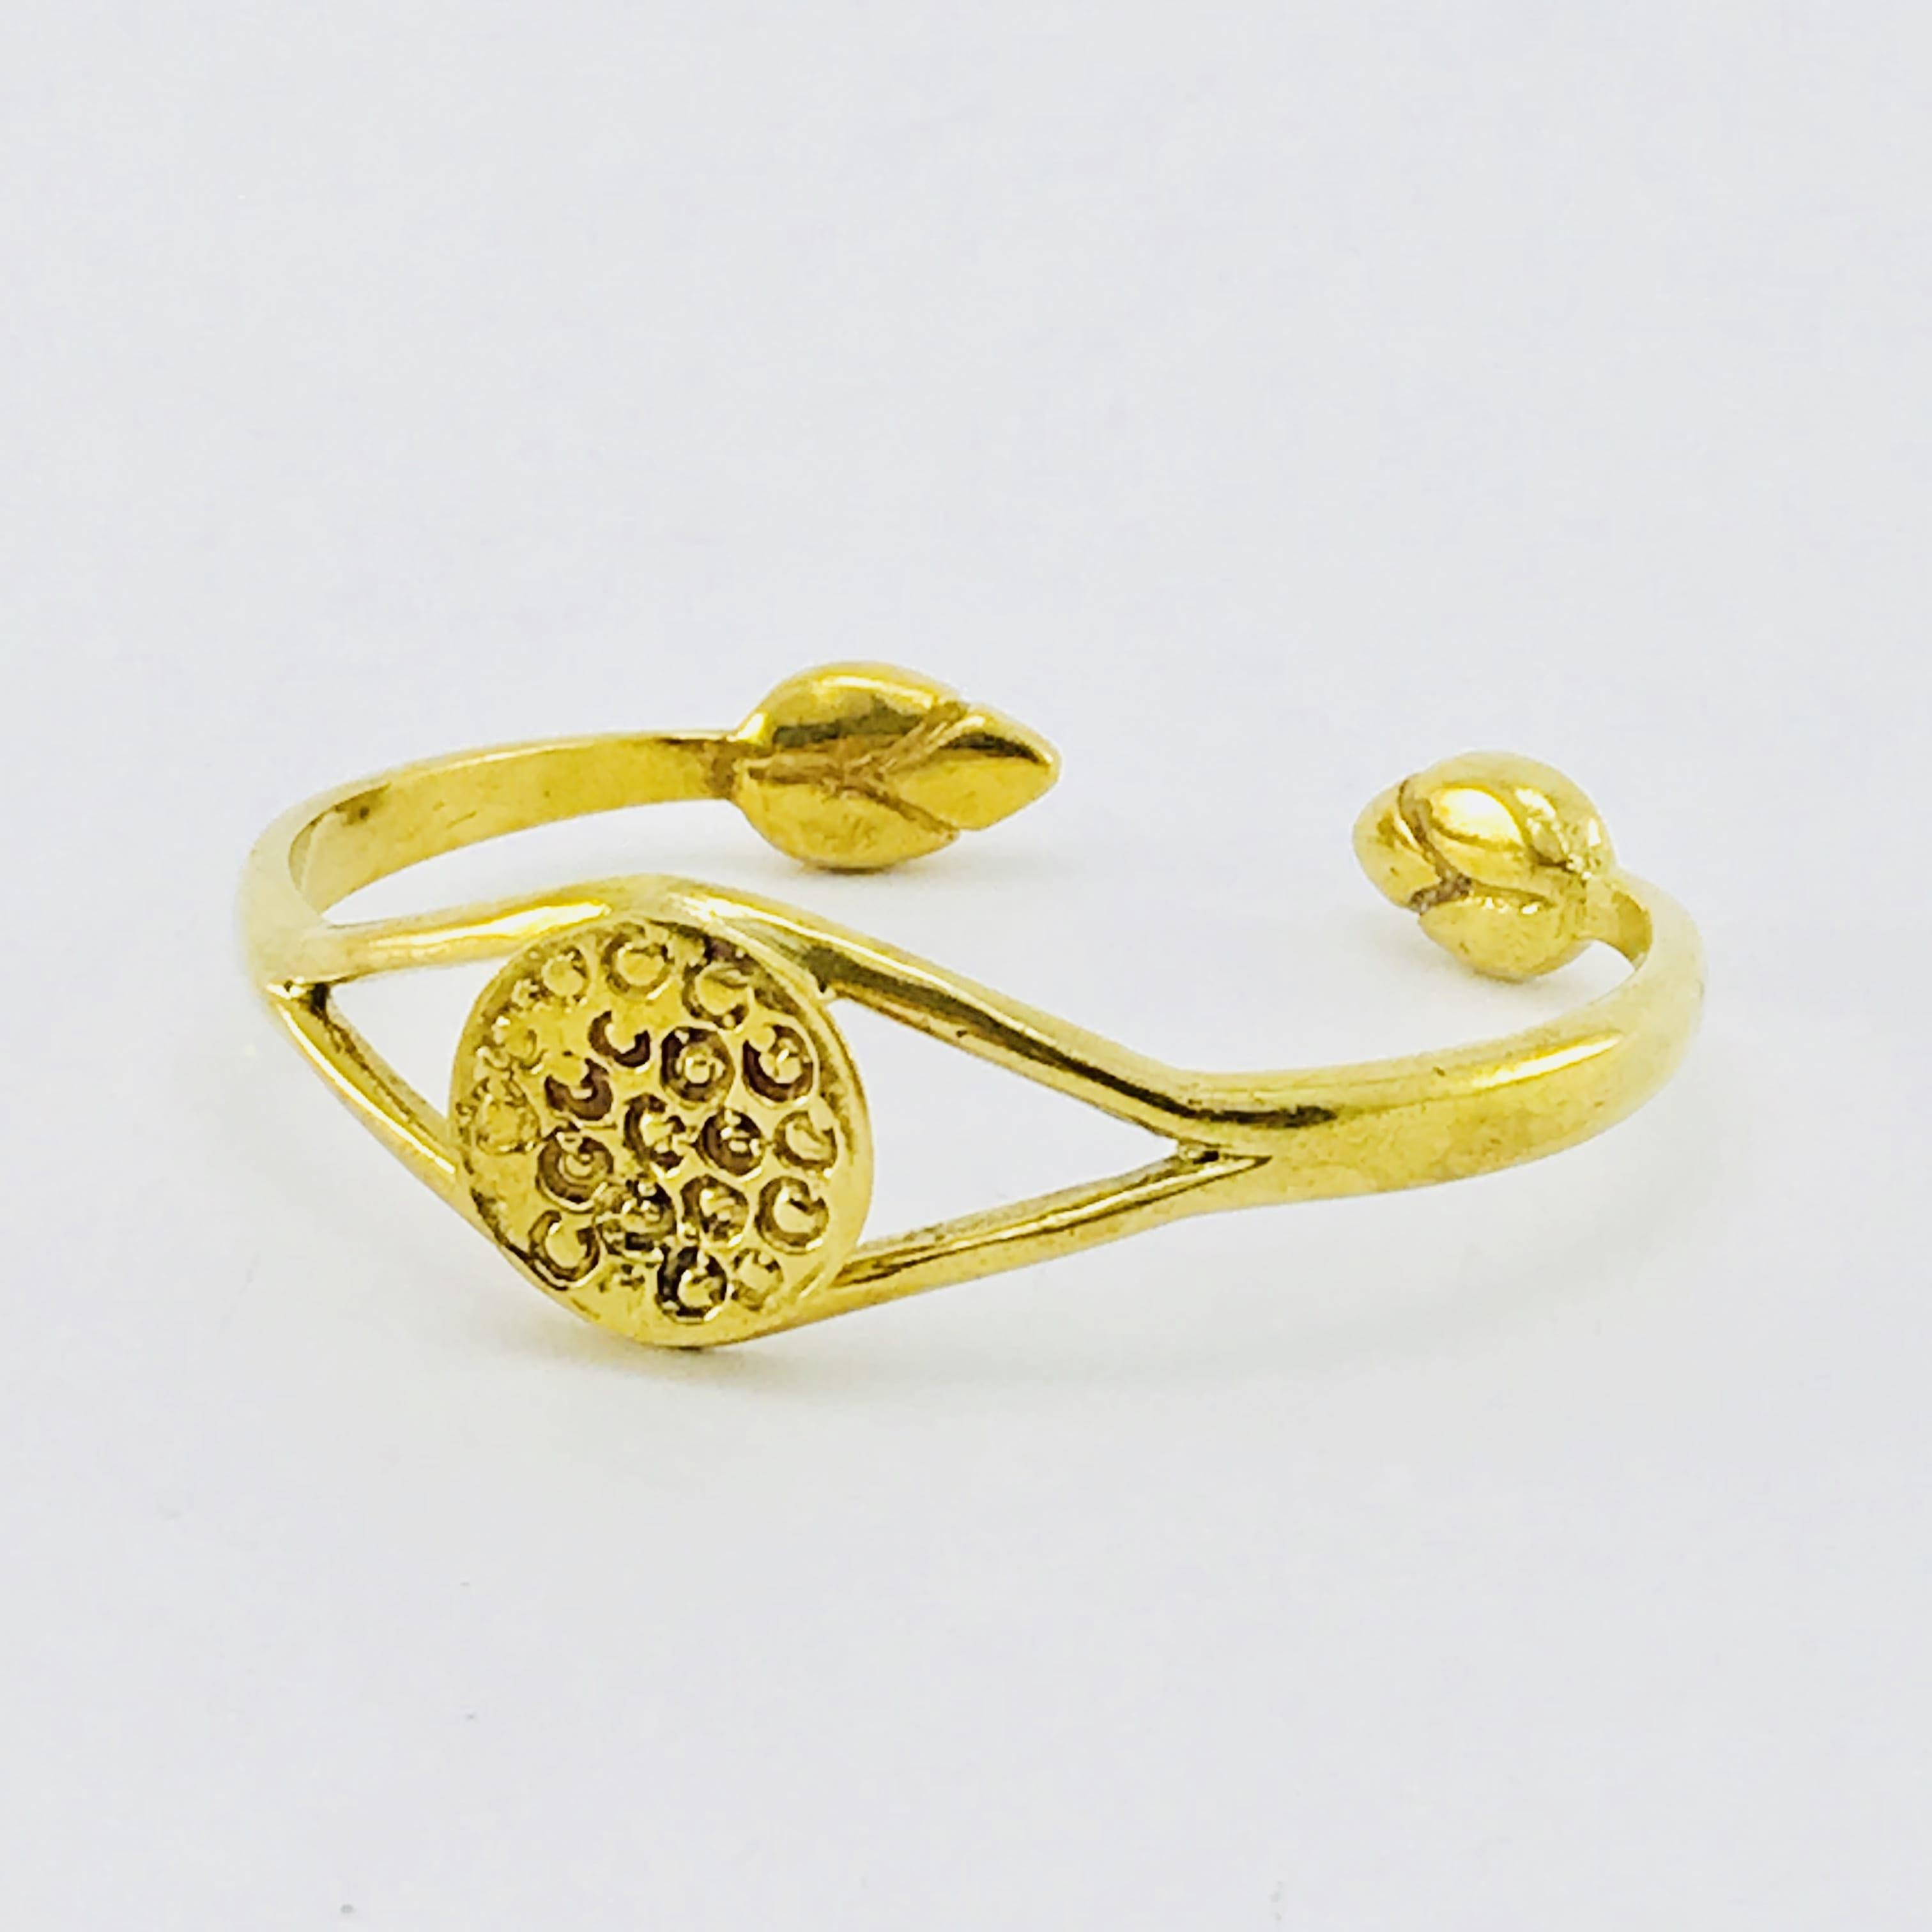 Le Bracelet Coeur de lotus - laiton recyclé